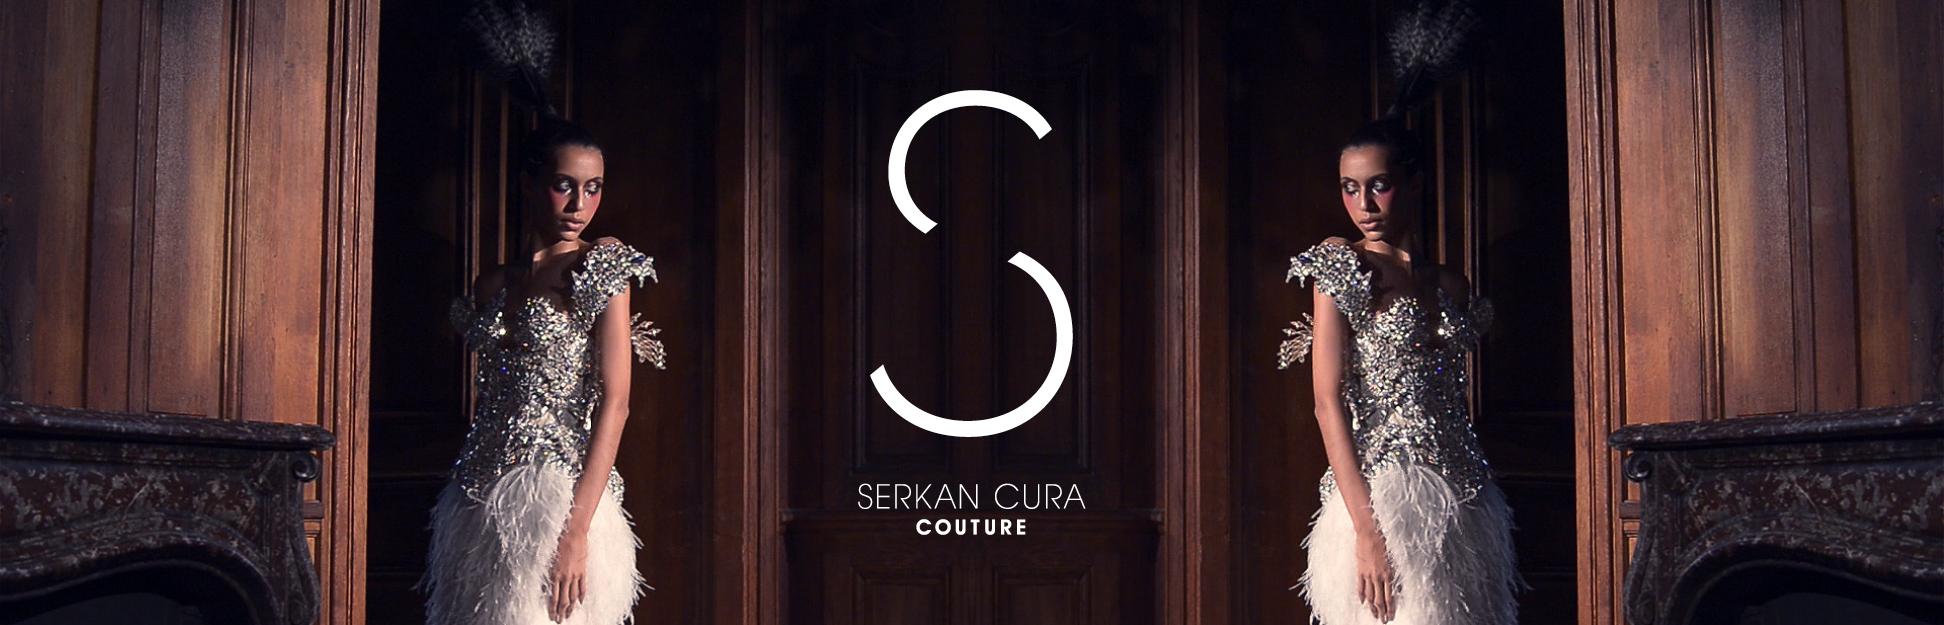 SERKAN_CURA4